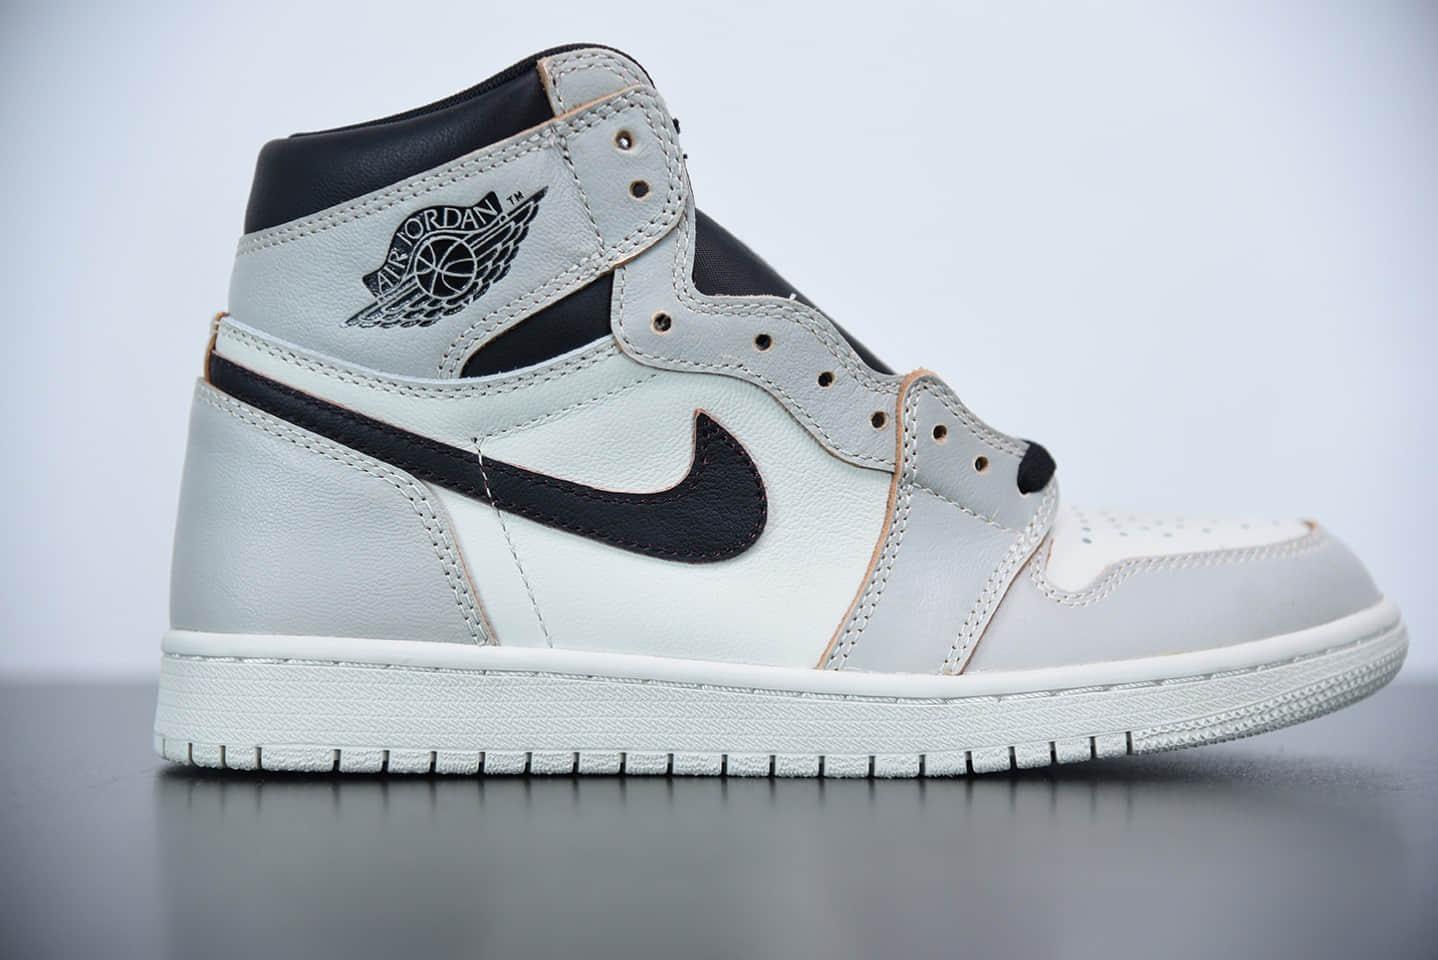 乔丹Air Jordan 1 x Nike Sb High OG Light Bone白黑刮刮乐篮球鞋纯原版本 货号:CD6578-006